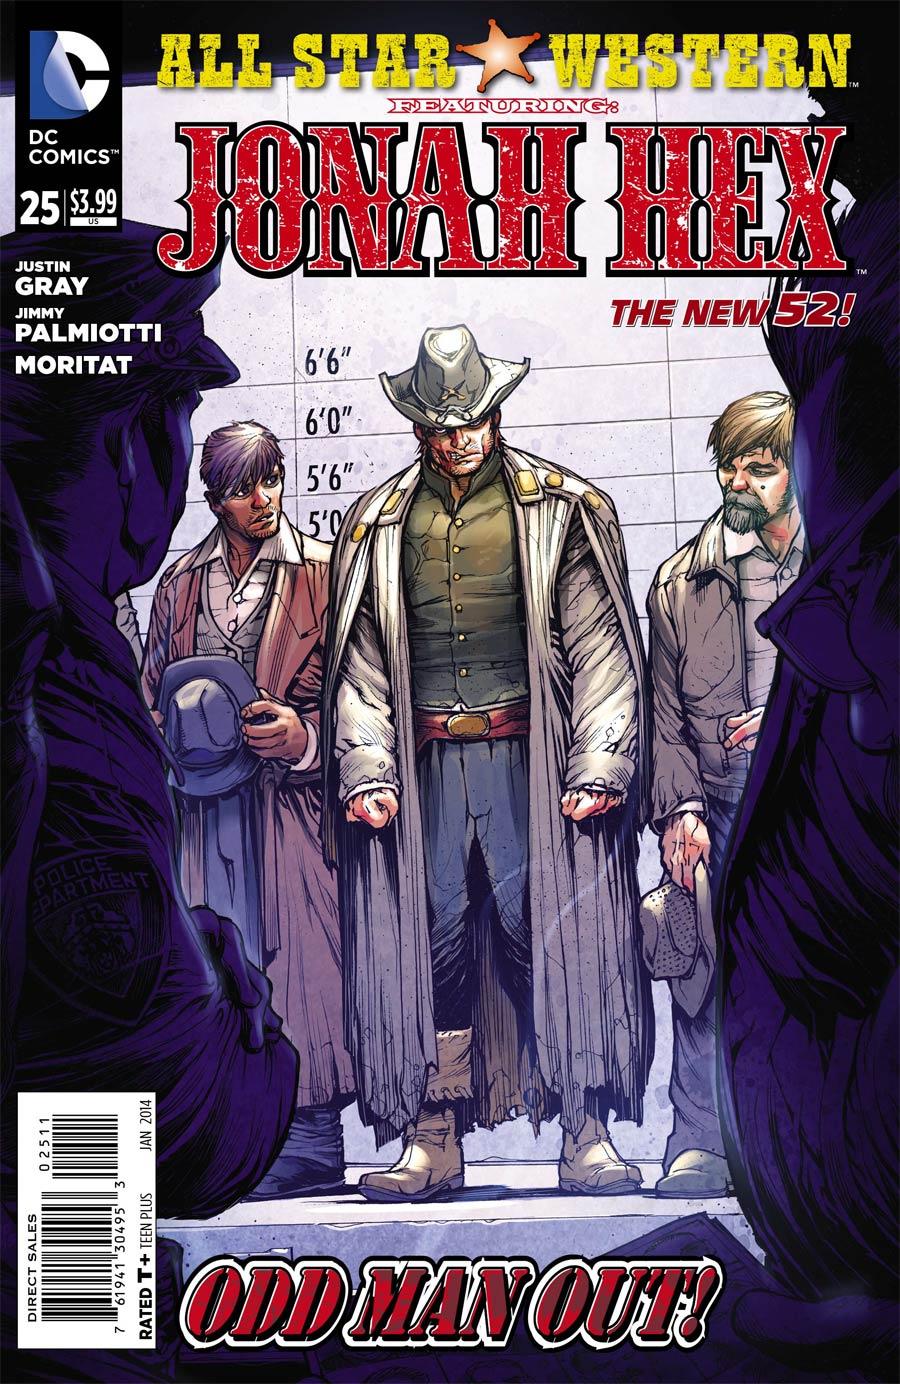 All Star Western Vol 3 #25